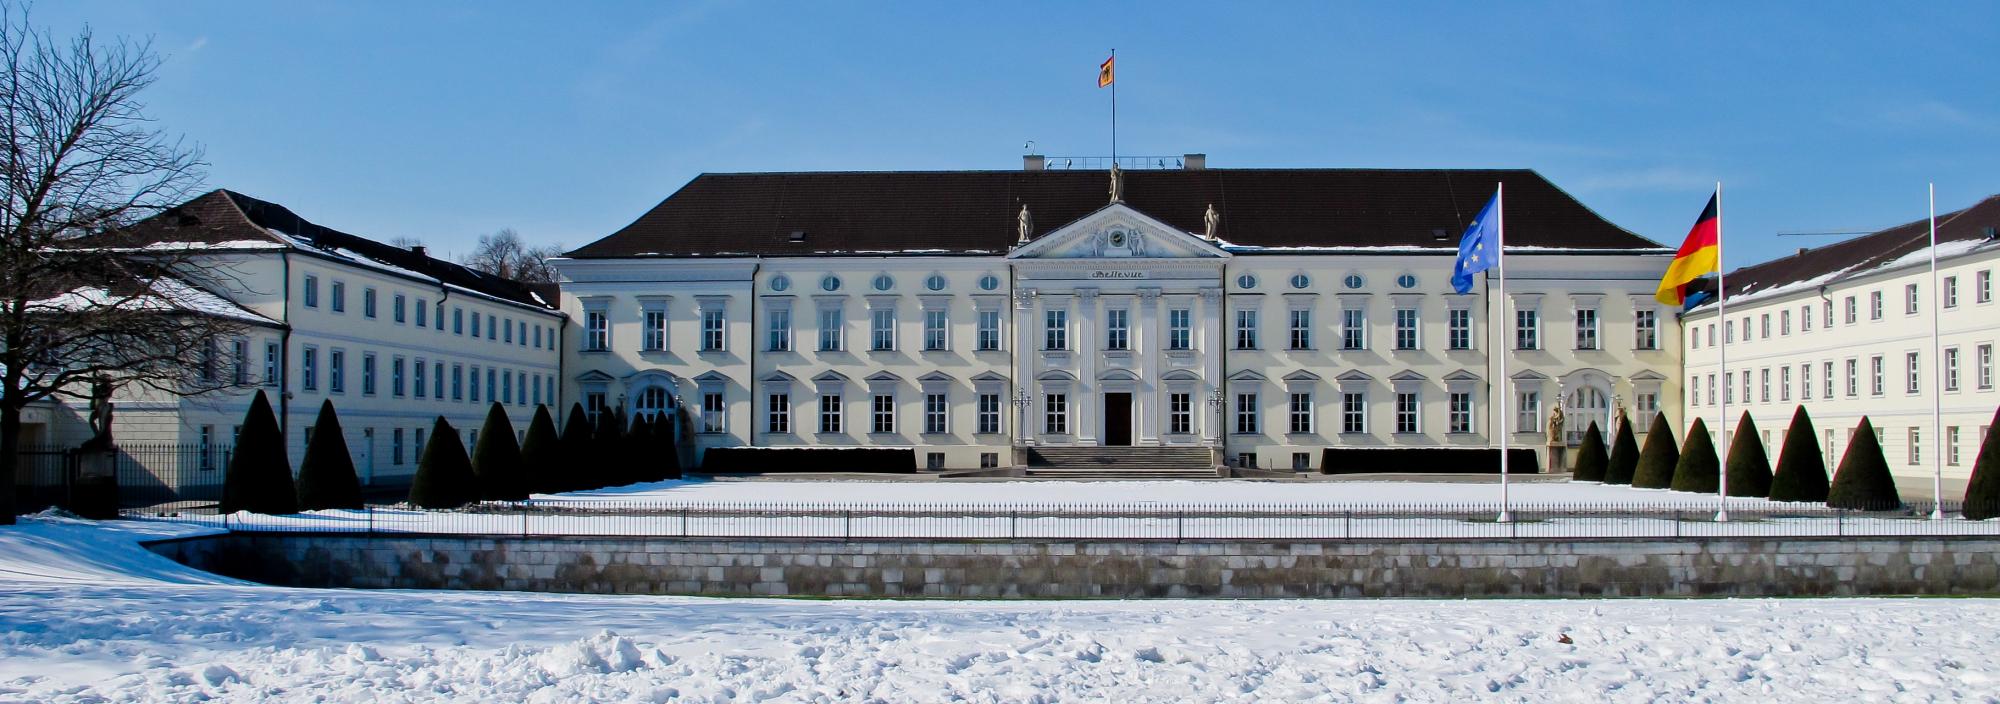 Schloss_bellevue